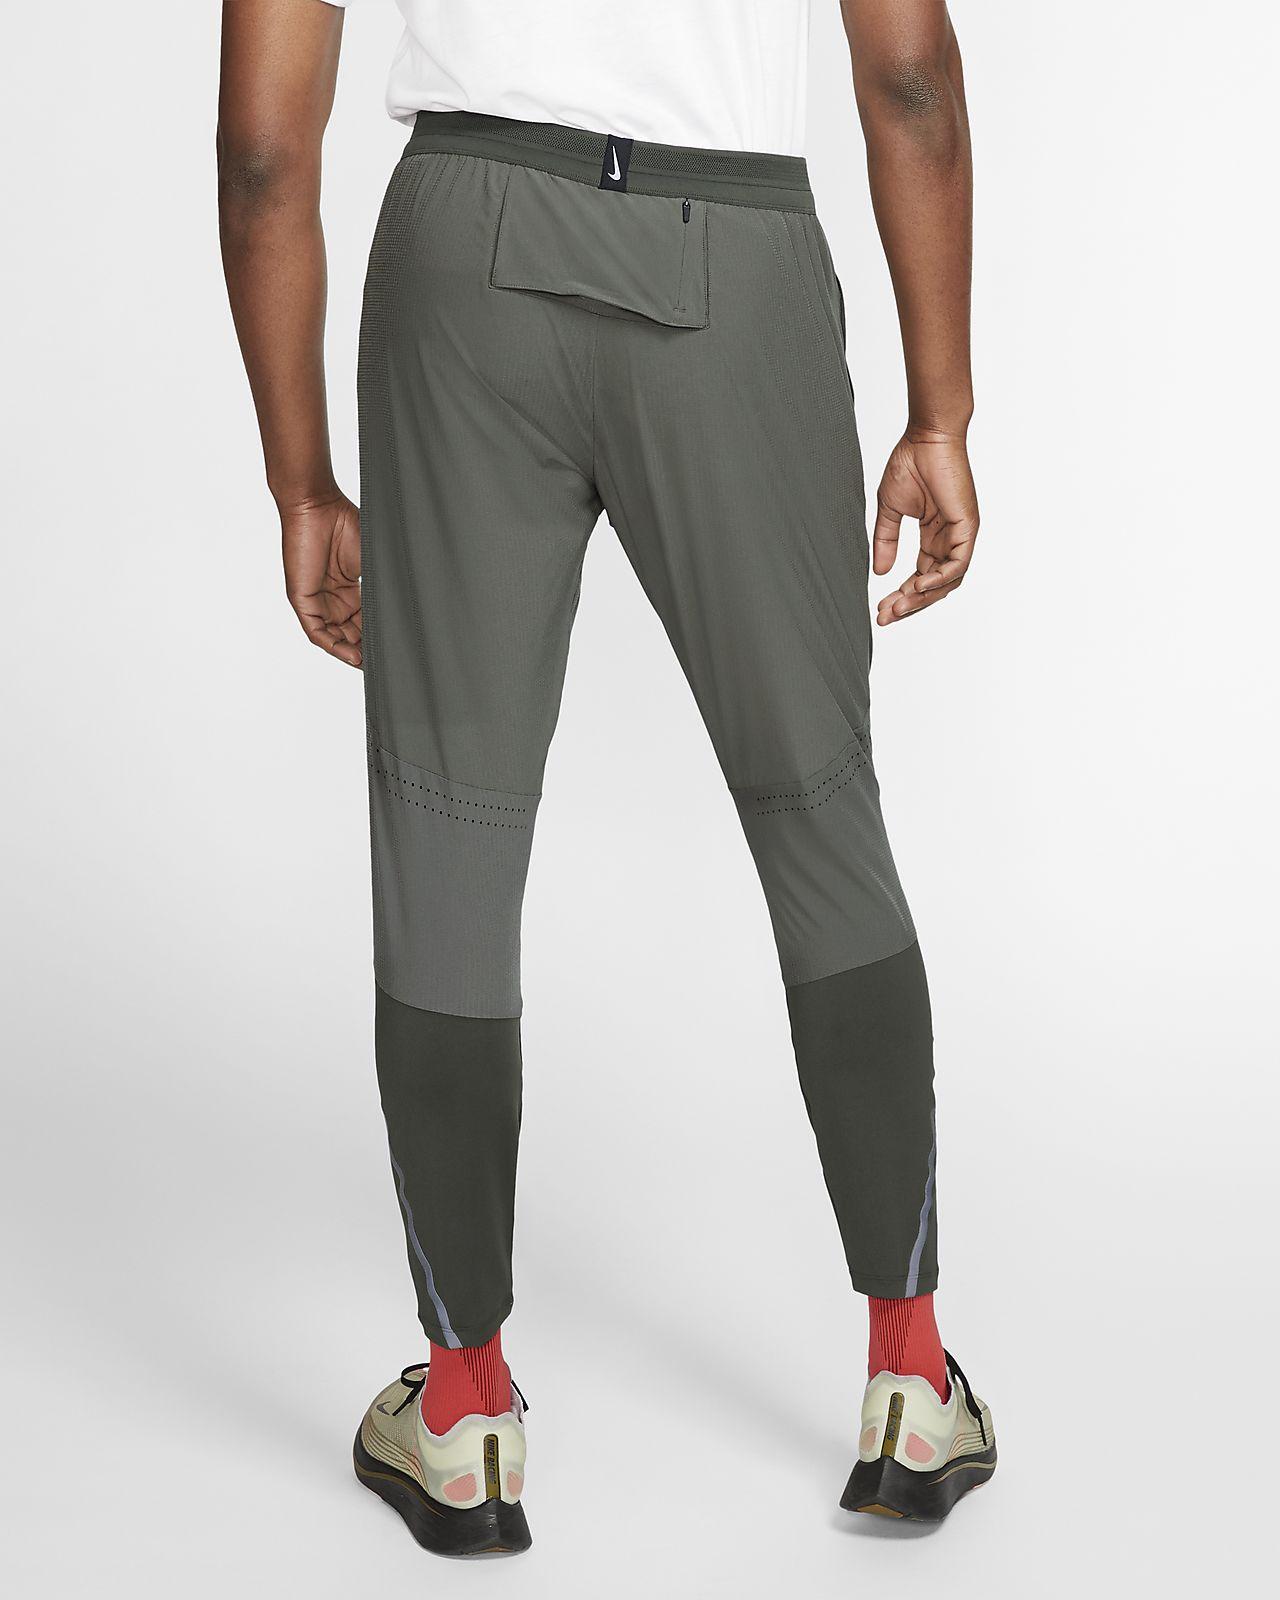 pantaloni running nike uomo